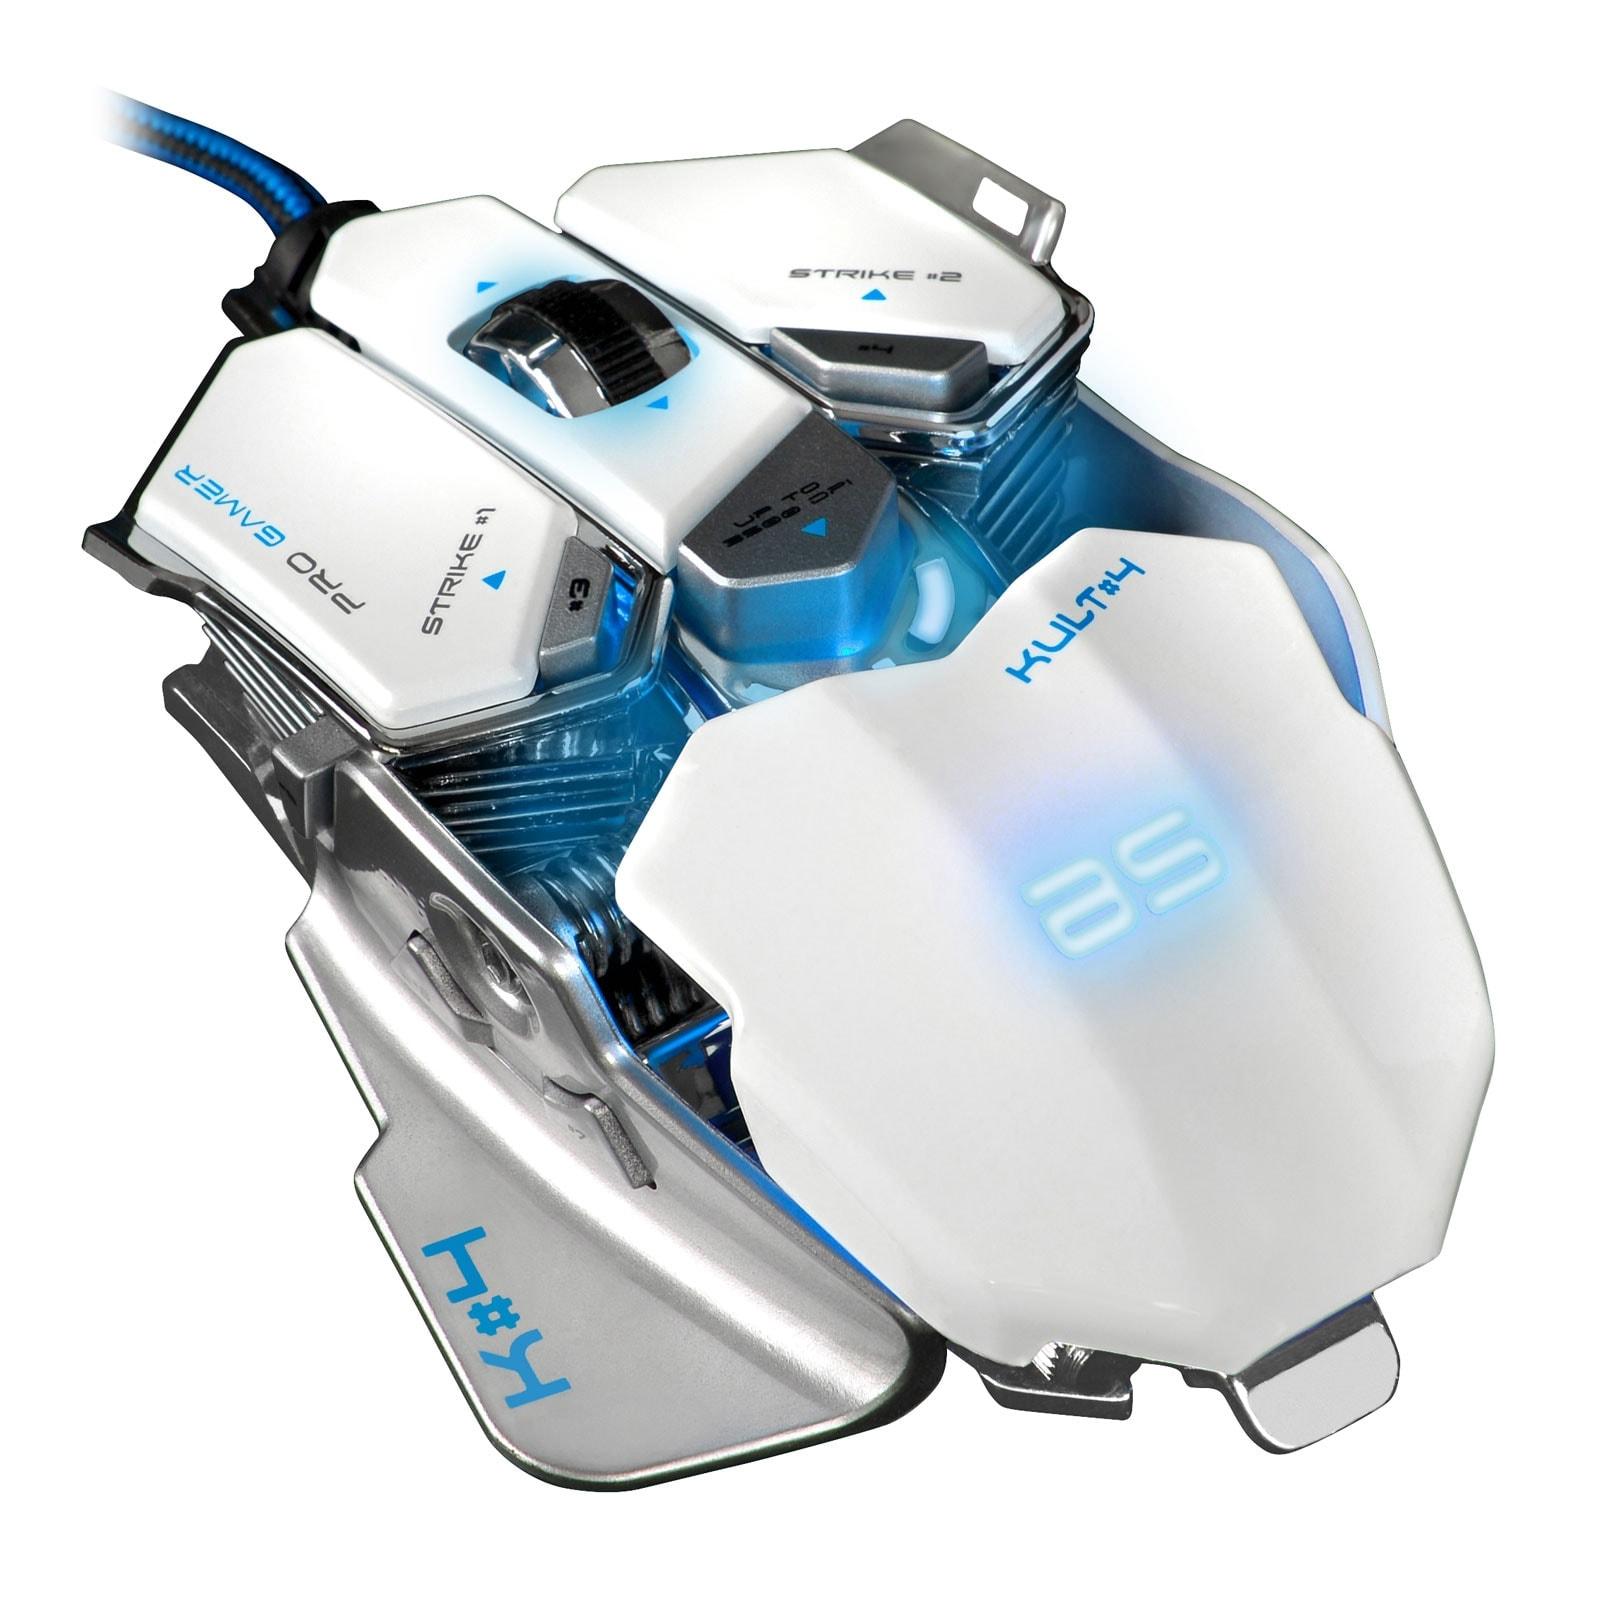 Bluestork KULT 4 WHITE ED. 3500dpi/Rétroéclairé/10 boutons (BS-GM-KULT4/W) - Achat / Vente Souris PC sur Cybertek.fr - 1